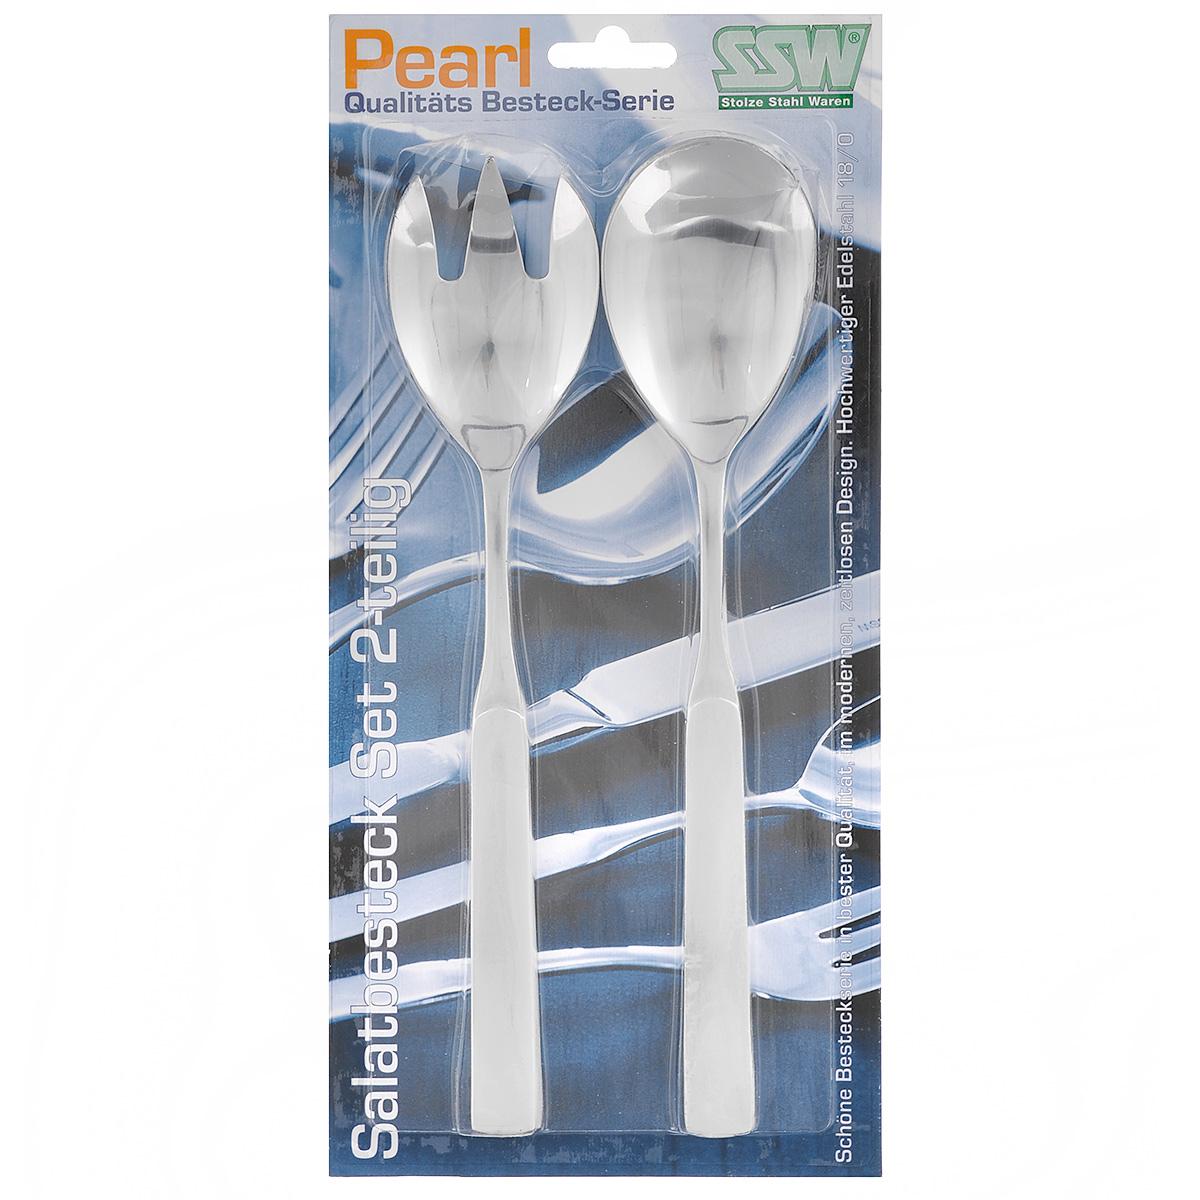 Набор ложек для салата SSW Pearl, 2 предмета477345Набор ложек для салата SSW Pearl выполнен из нержавеющей стали. Таким набором удобно перемешивать и выкладывать на тарелки зеленые салаты, в которых много нежных листьев и трав. Если перемешивать их простой ложкой - легко помять зелень. Пользуясь же этим набором для смешивания, или как щипцами, чтобы положить салат на тарелку, вы никогда не изомнете салатные листья. Изделия можно мыть в посудомоечной машине. Длина предметов: 23,5 см. Длина рабочей части: 7 см.